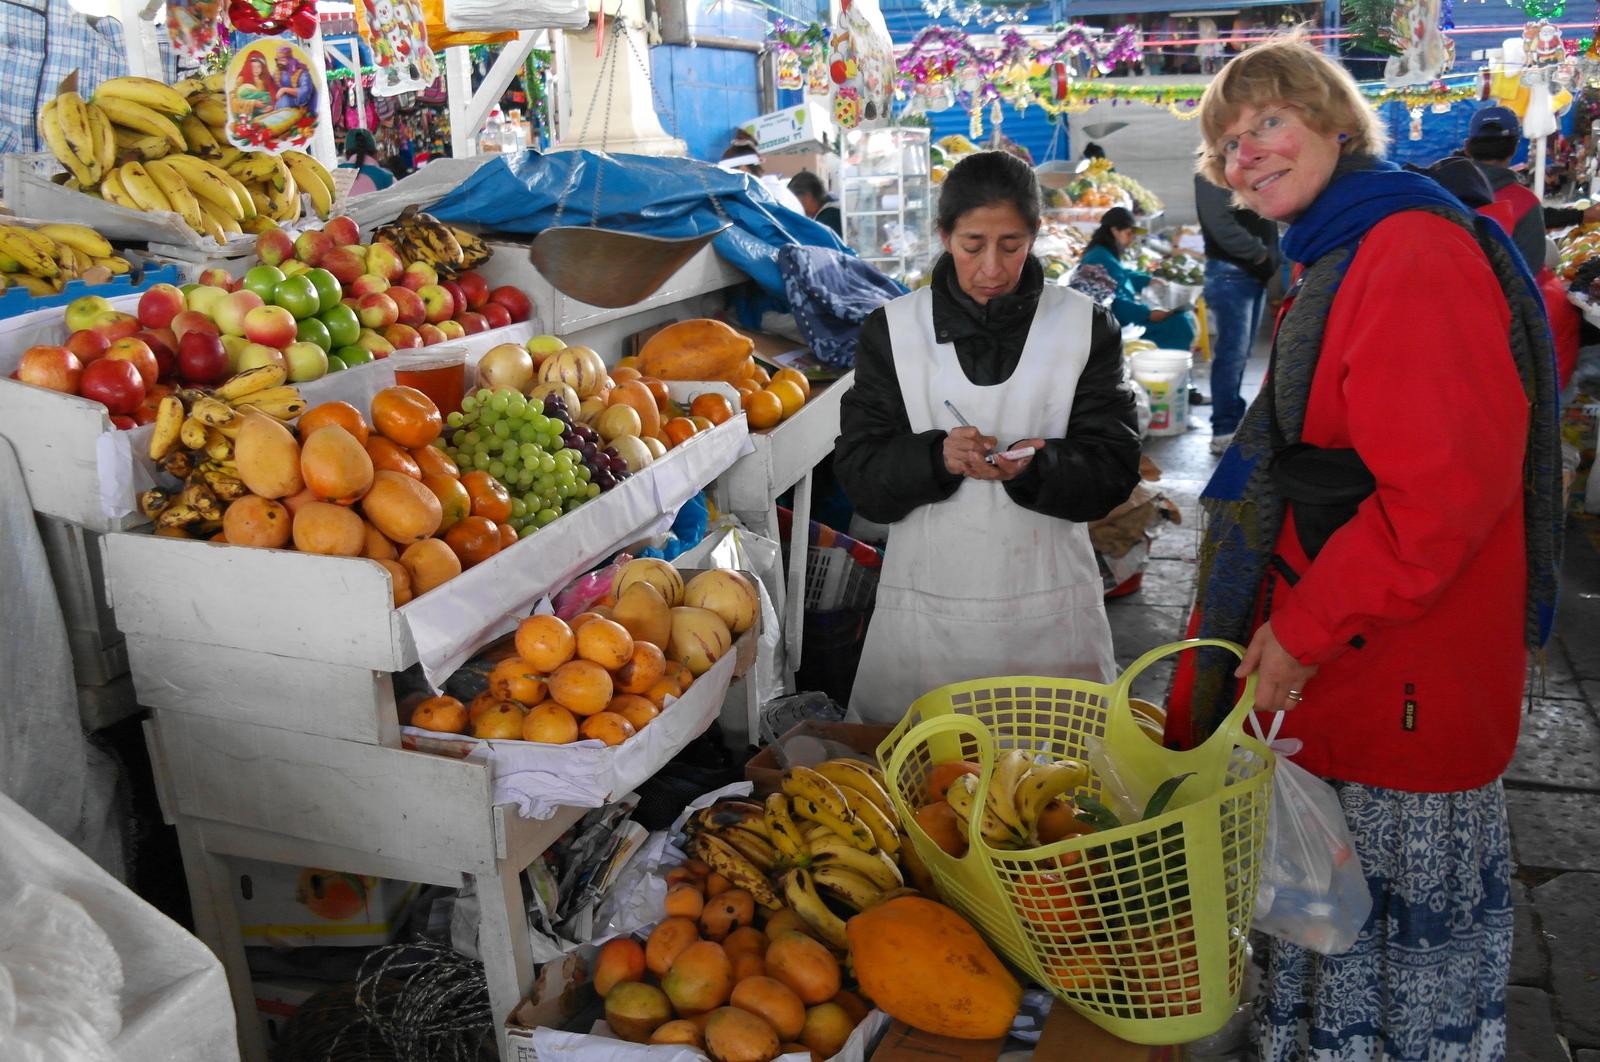 09 we kopen een mand vol fruit voor de fruitsalade voor vanavond, voor de kerstmaaltijd samen met Arishai en Viviana en hun 12 pubers (Ninos del Sol)